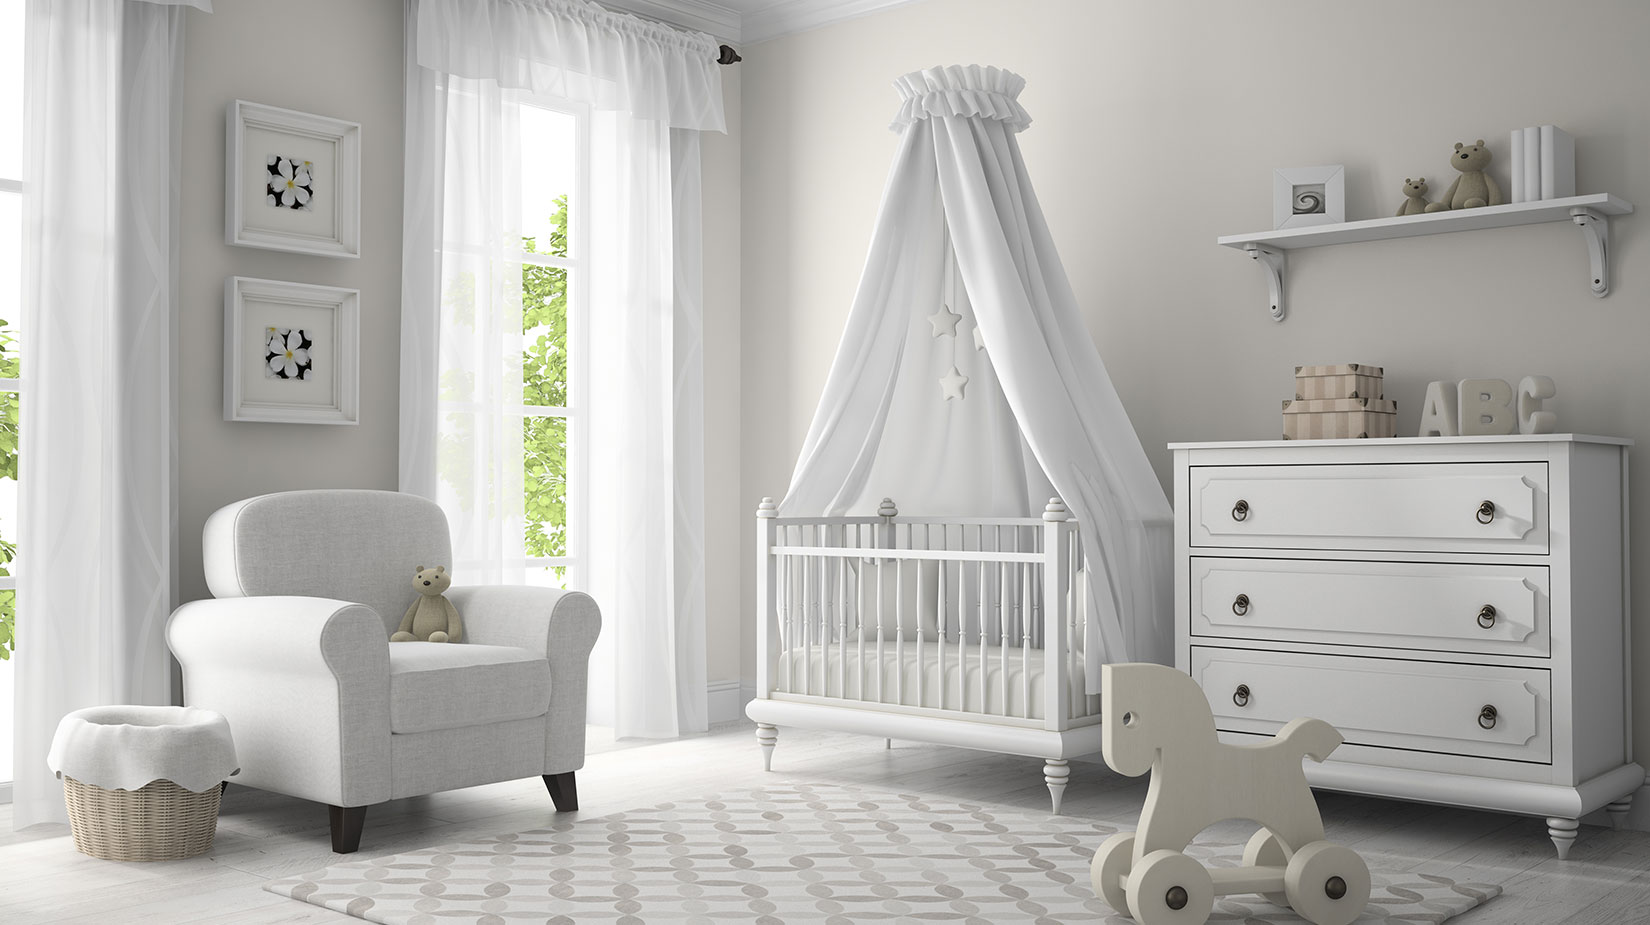 Bebek Odası Hazırlamanın Püf Noktaları